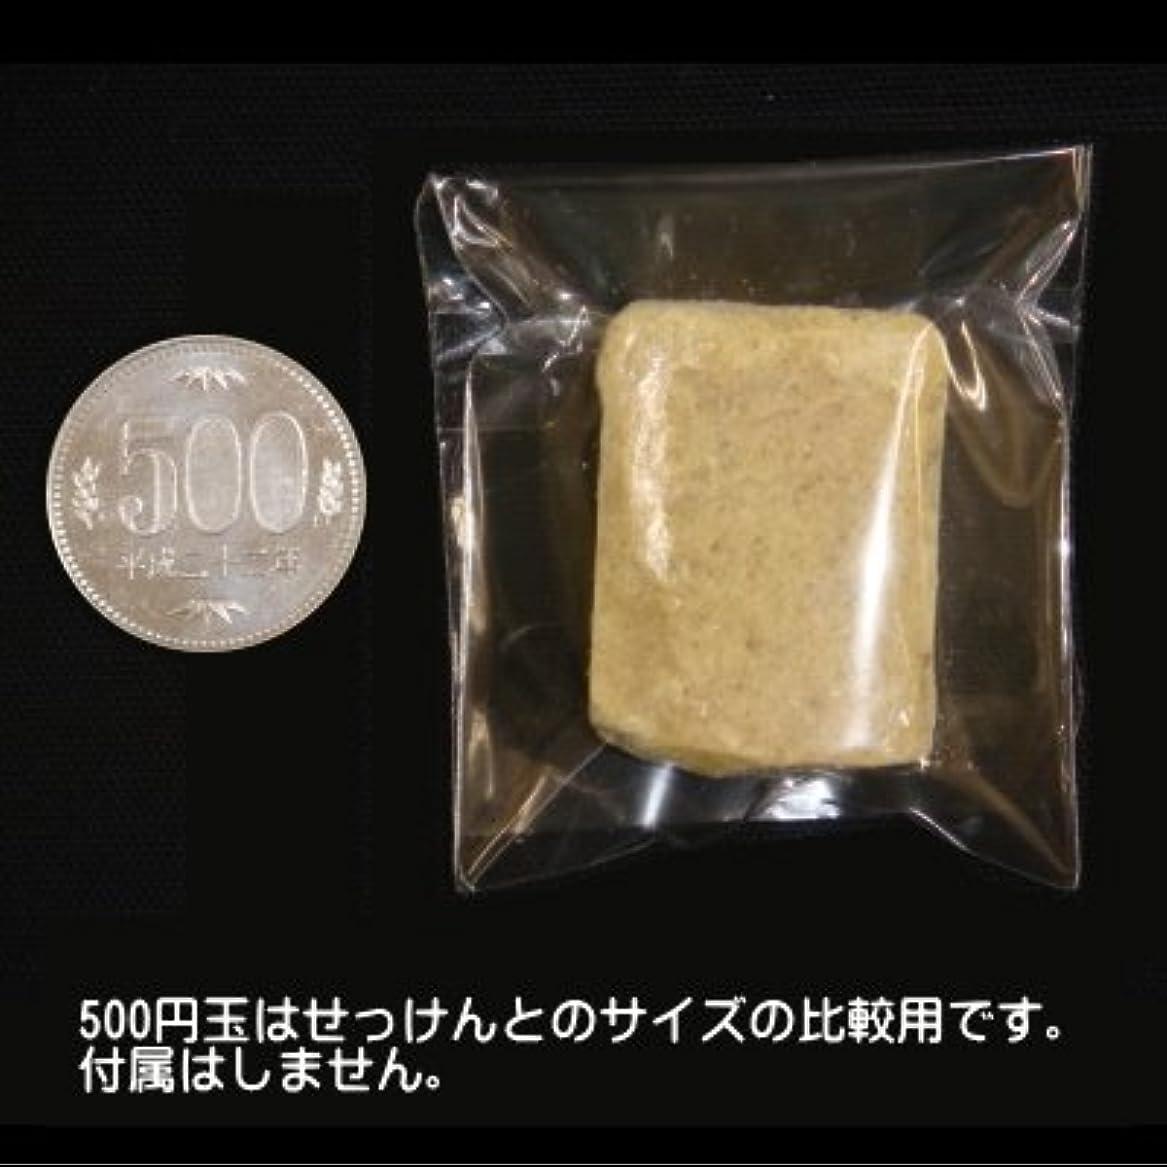 研磨剤コピー足首緑茶ノニ石鹸 てづくり野にせっけんお試し用12g(無添加石鹸)